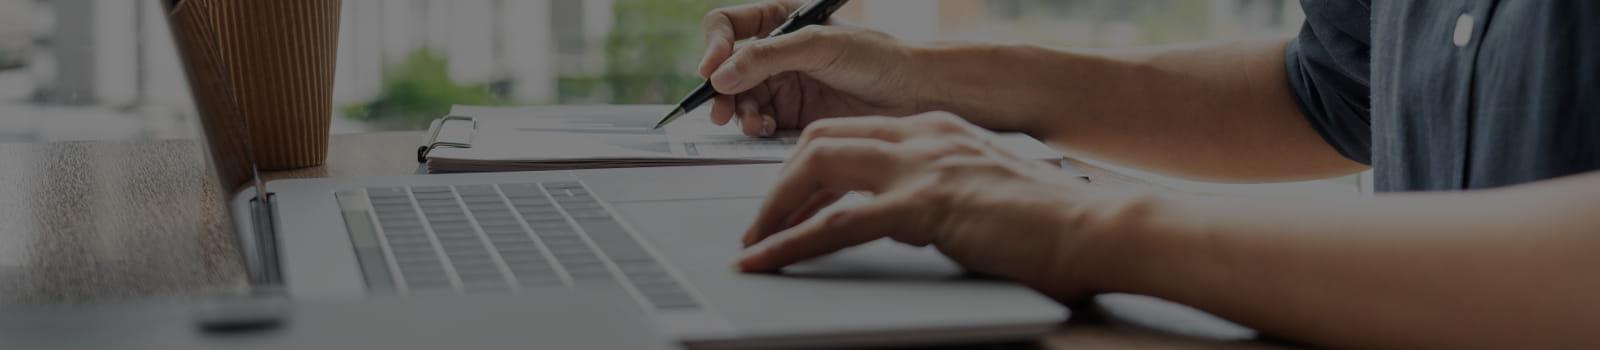 Simplificação do novo eSocial: profissional integrando software ao eSocial.